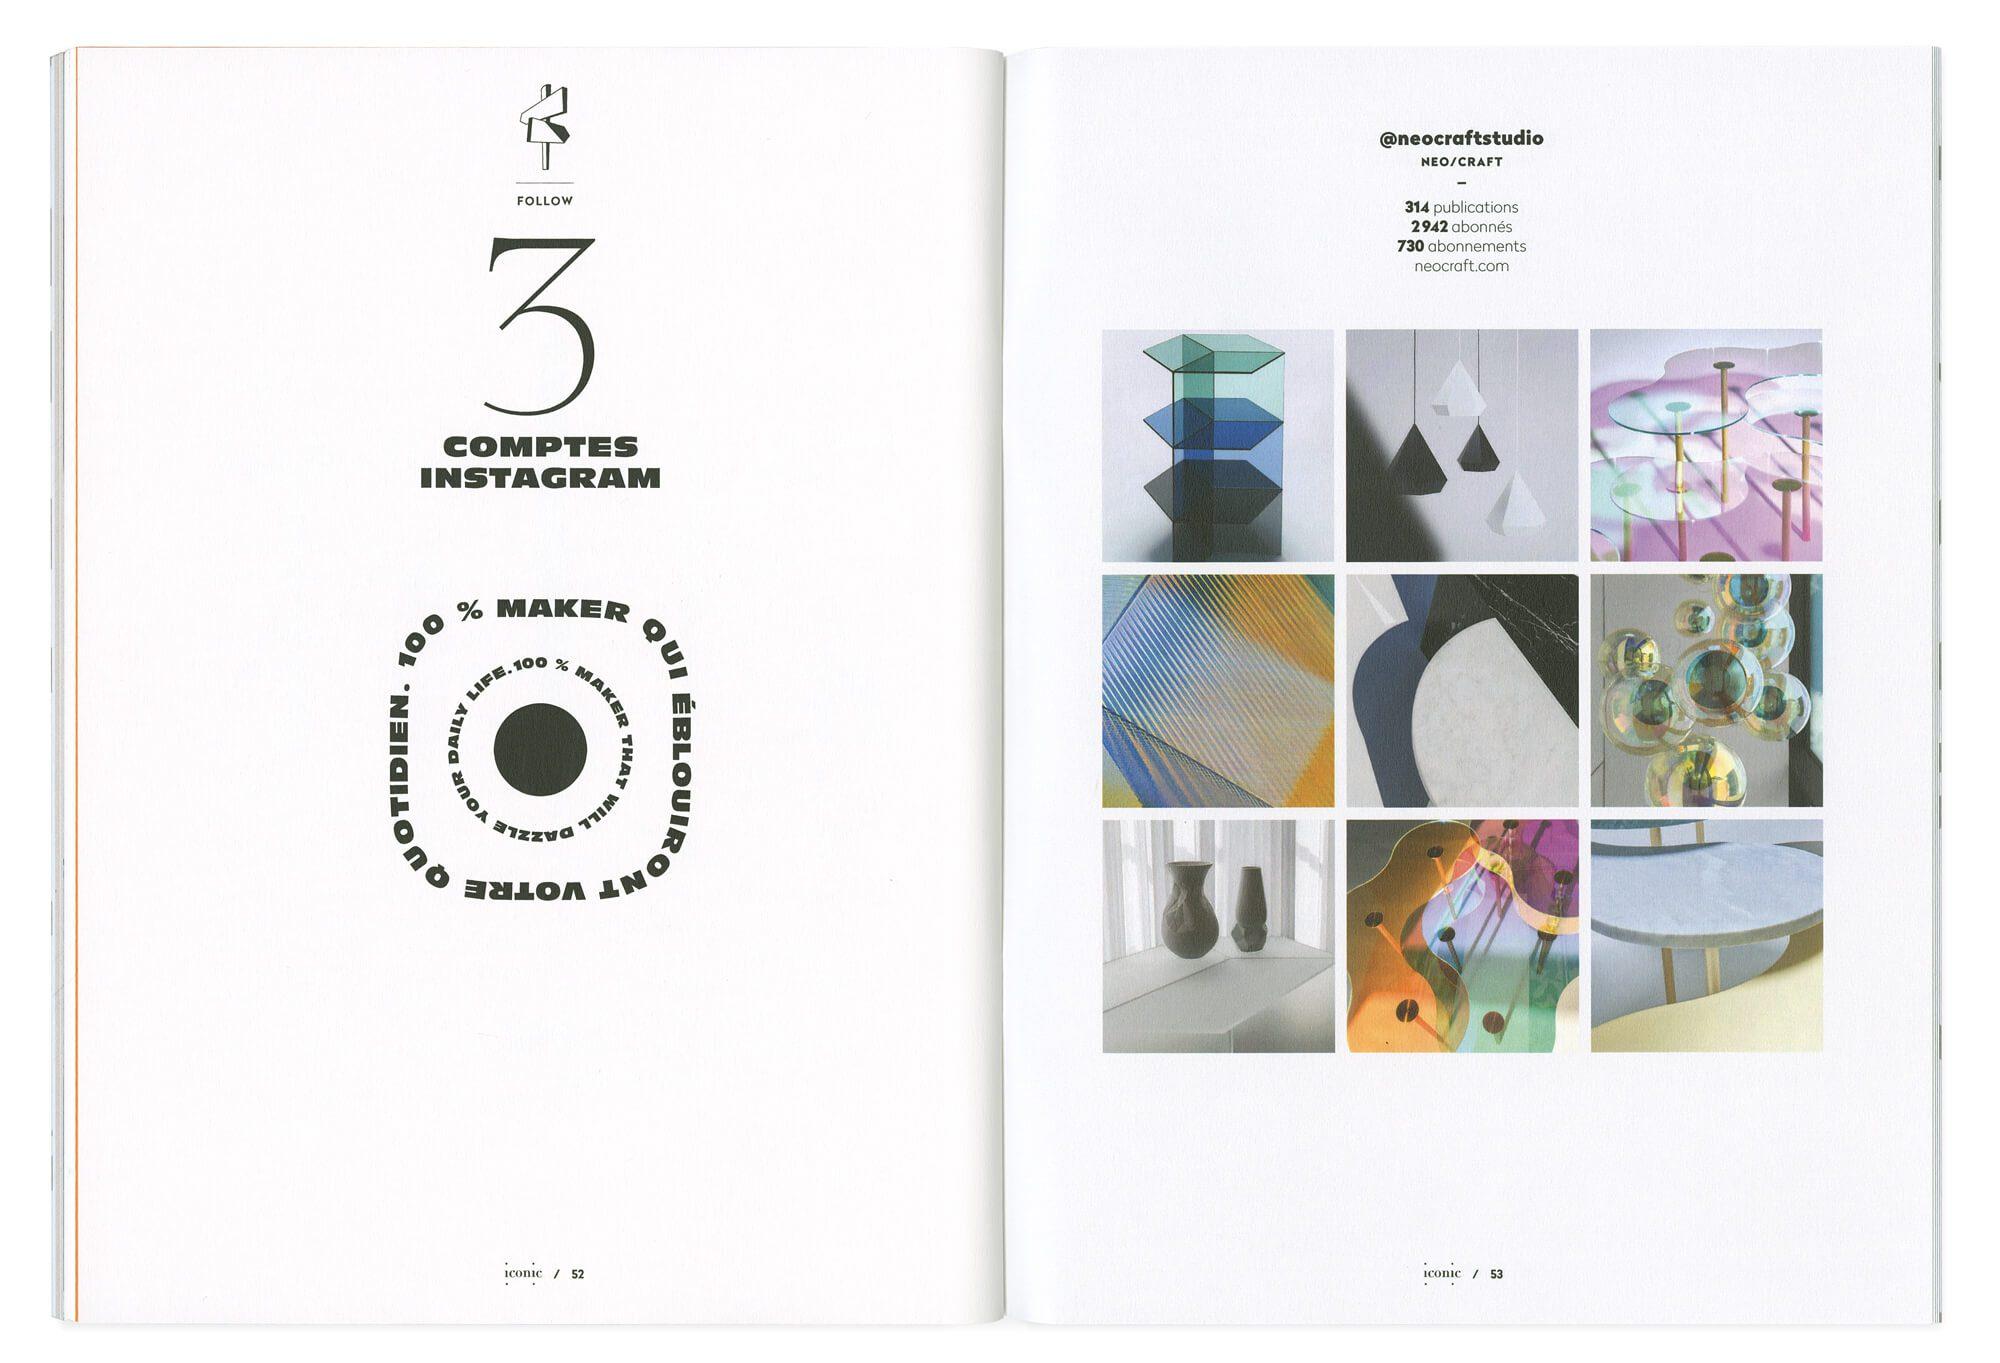 double page composée présentant le compte instagram neocraftstudio, et caligramme. design editorial par le studio ich&Kar